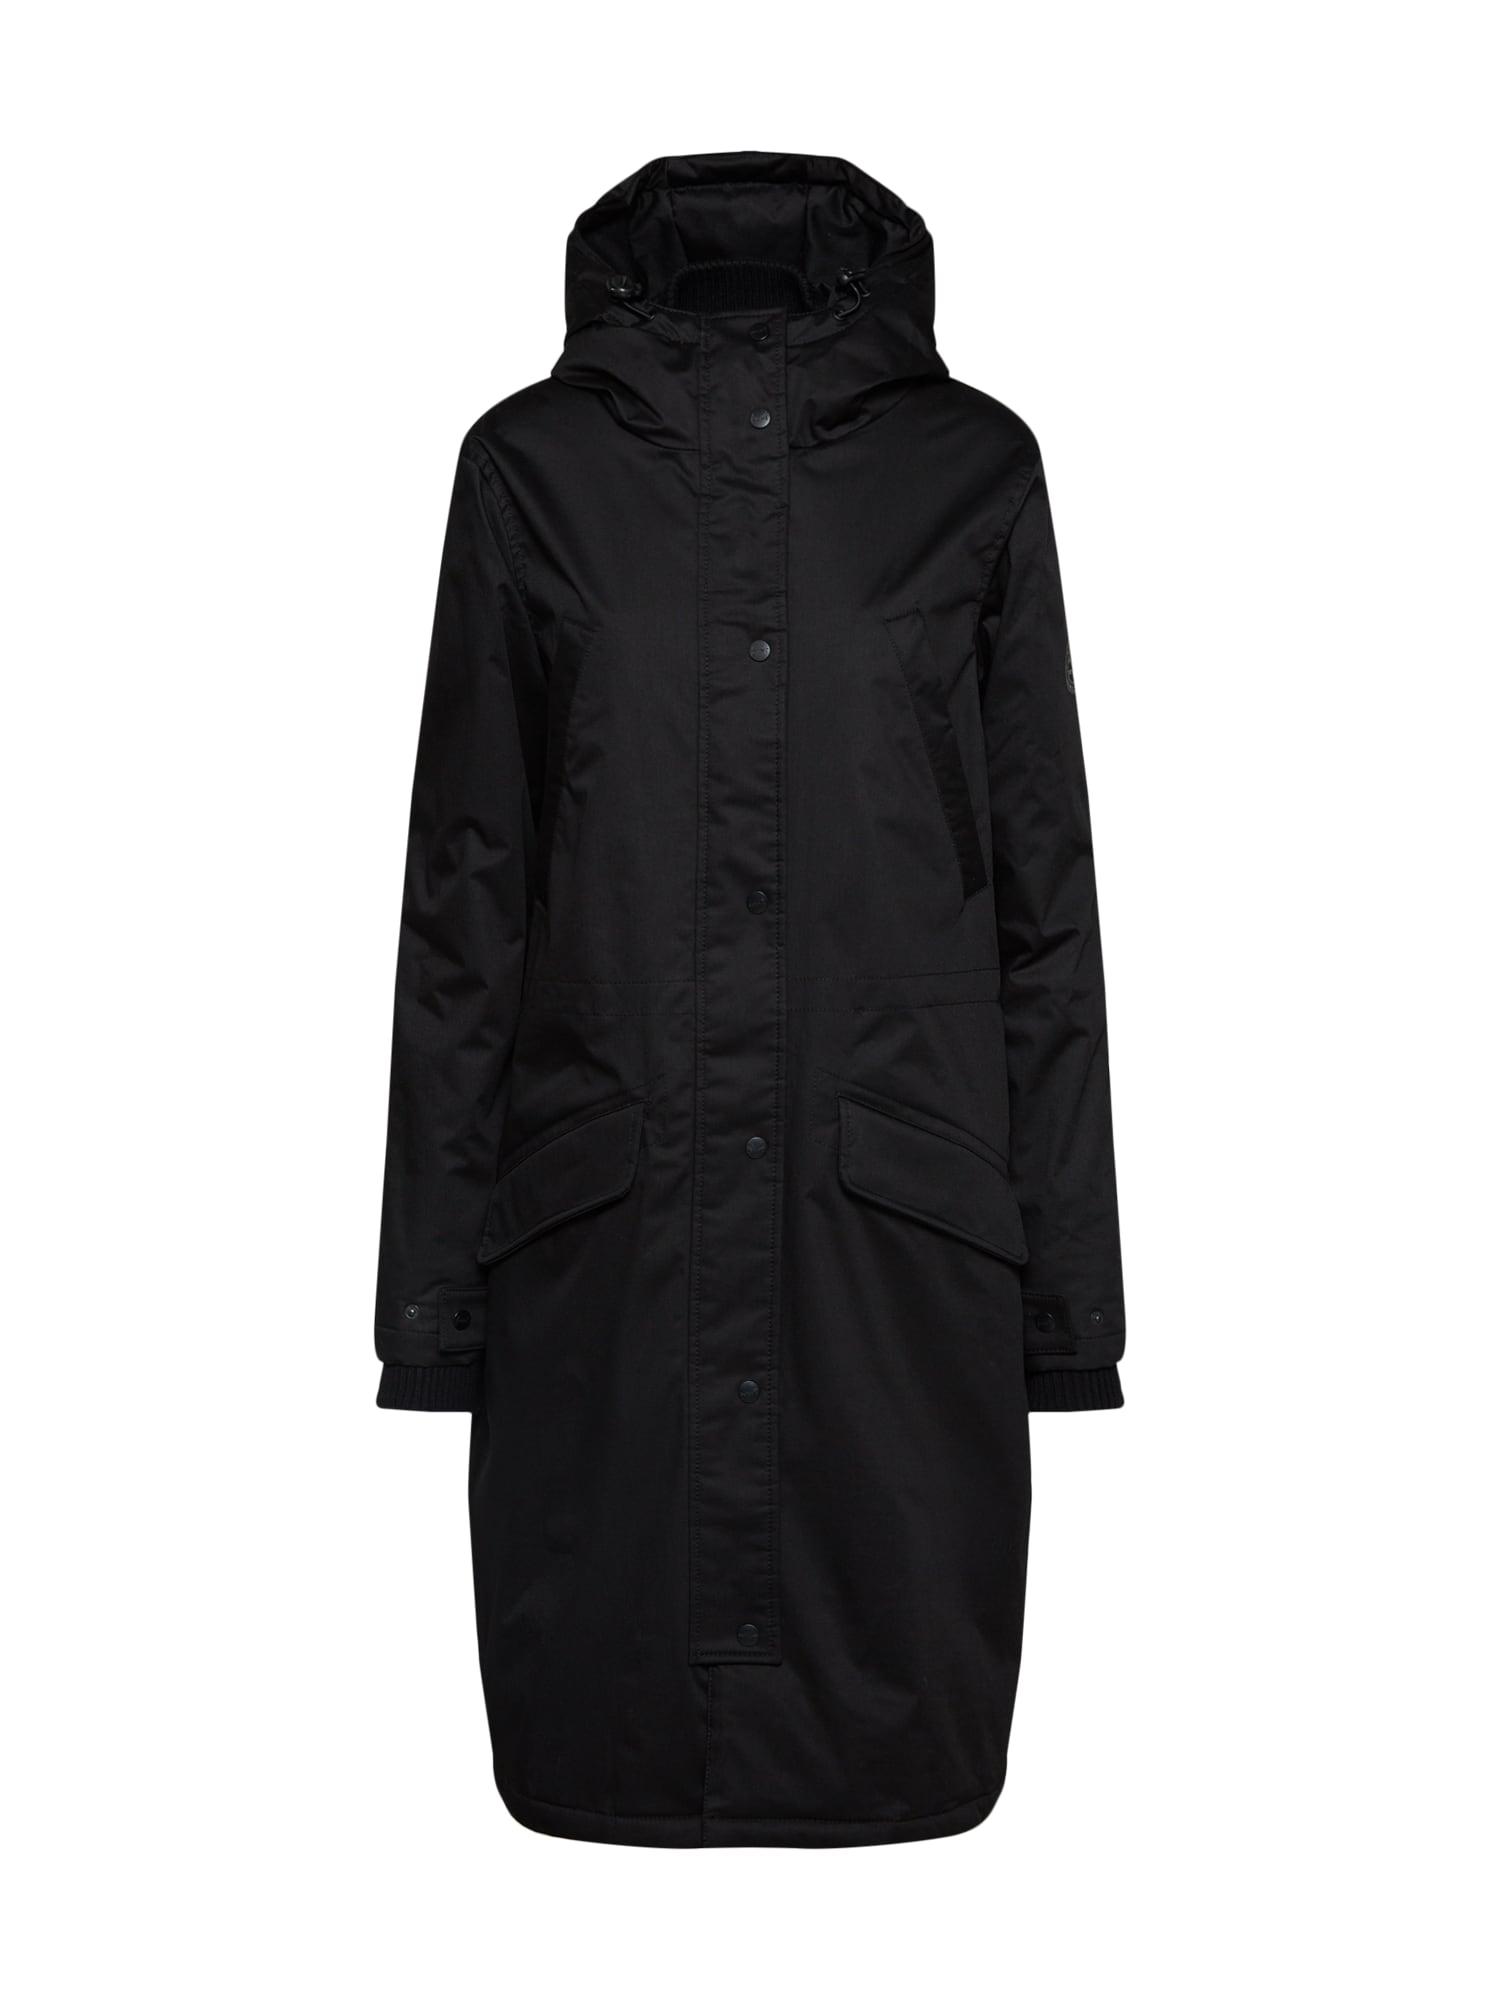 Forvert Žieminis paltas 'Molde' juoda